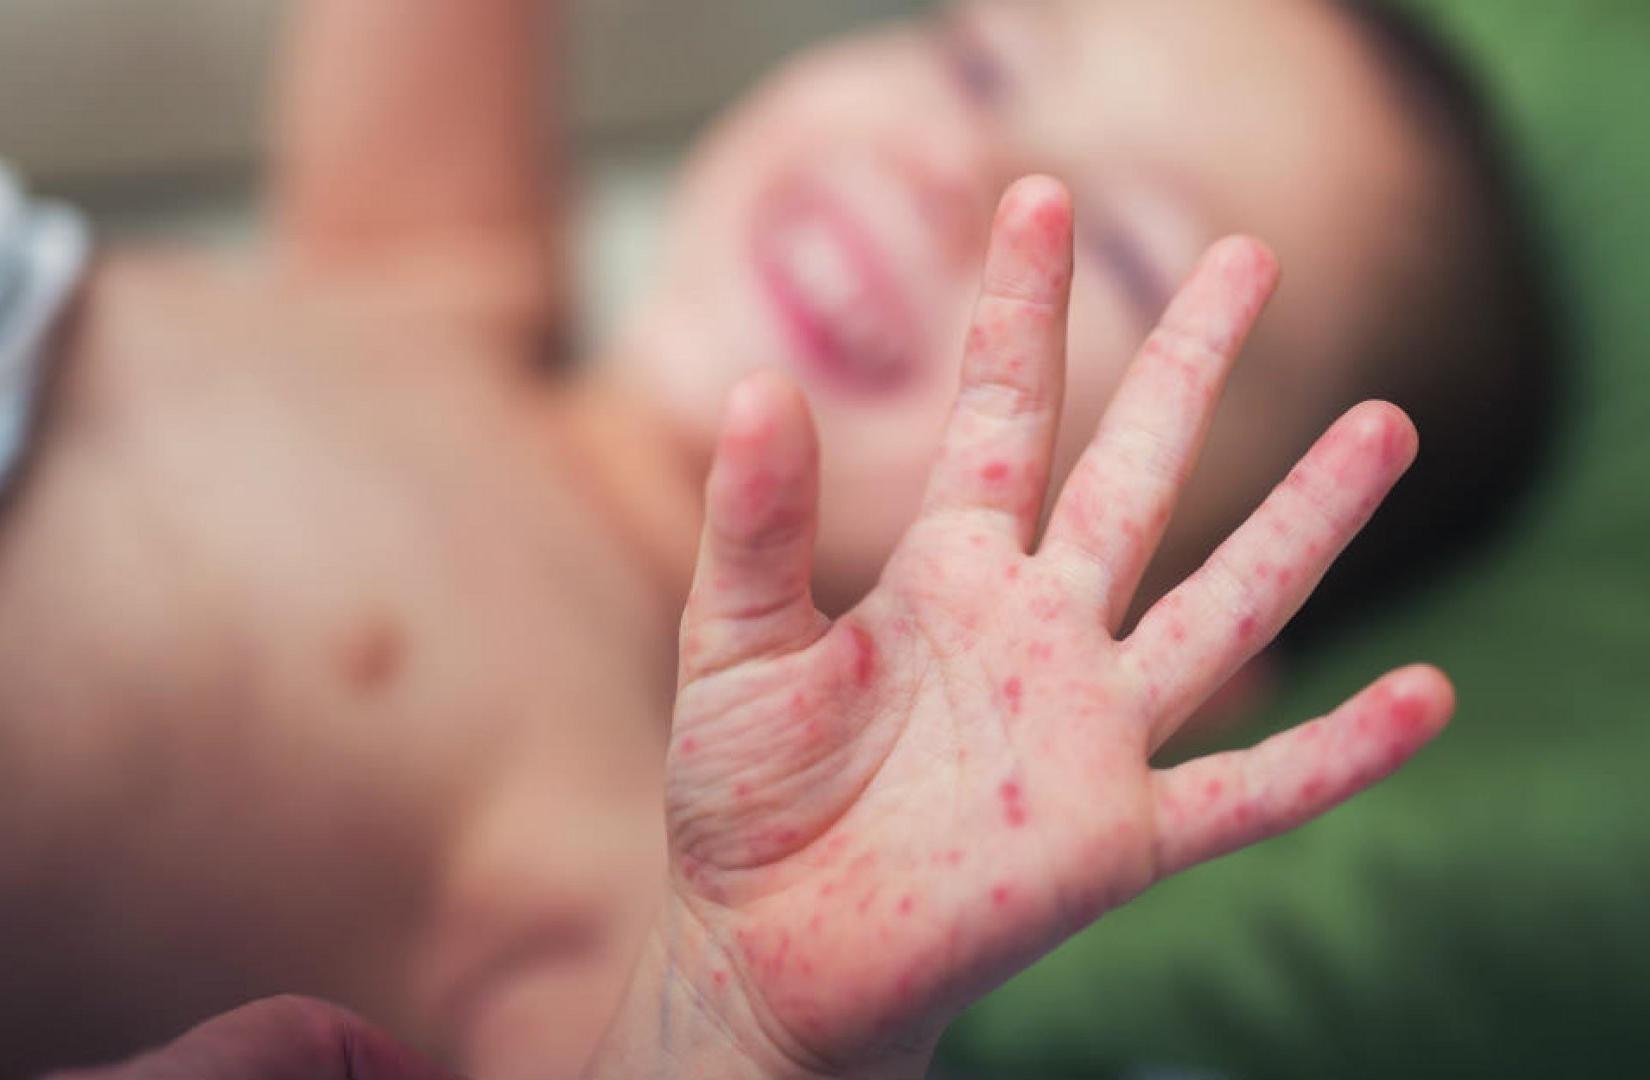 Thêm một trường hợp bé 17 tháng tử vong vì tay chân miệng 1